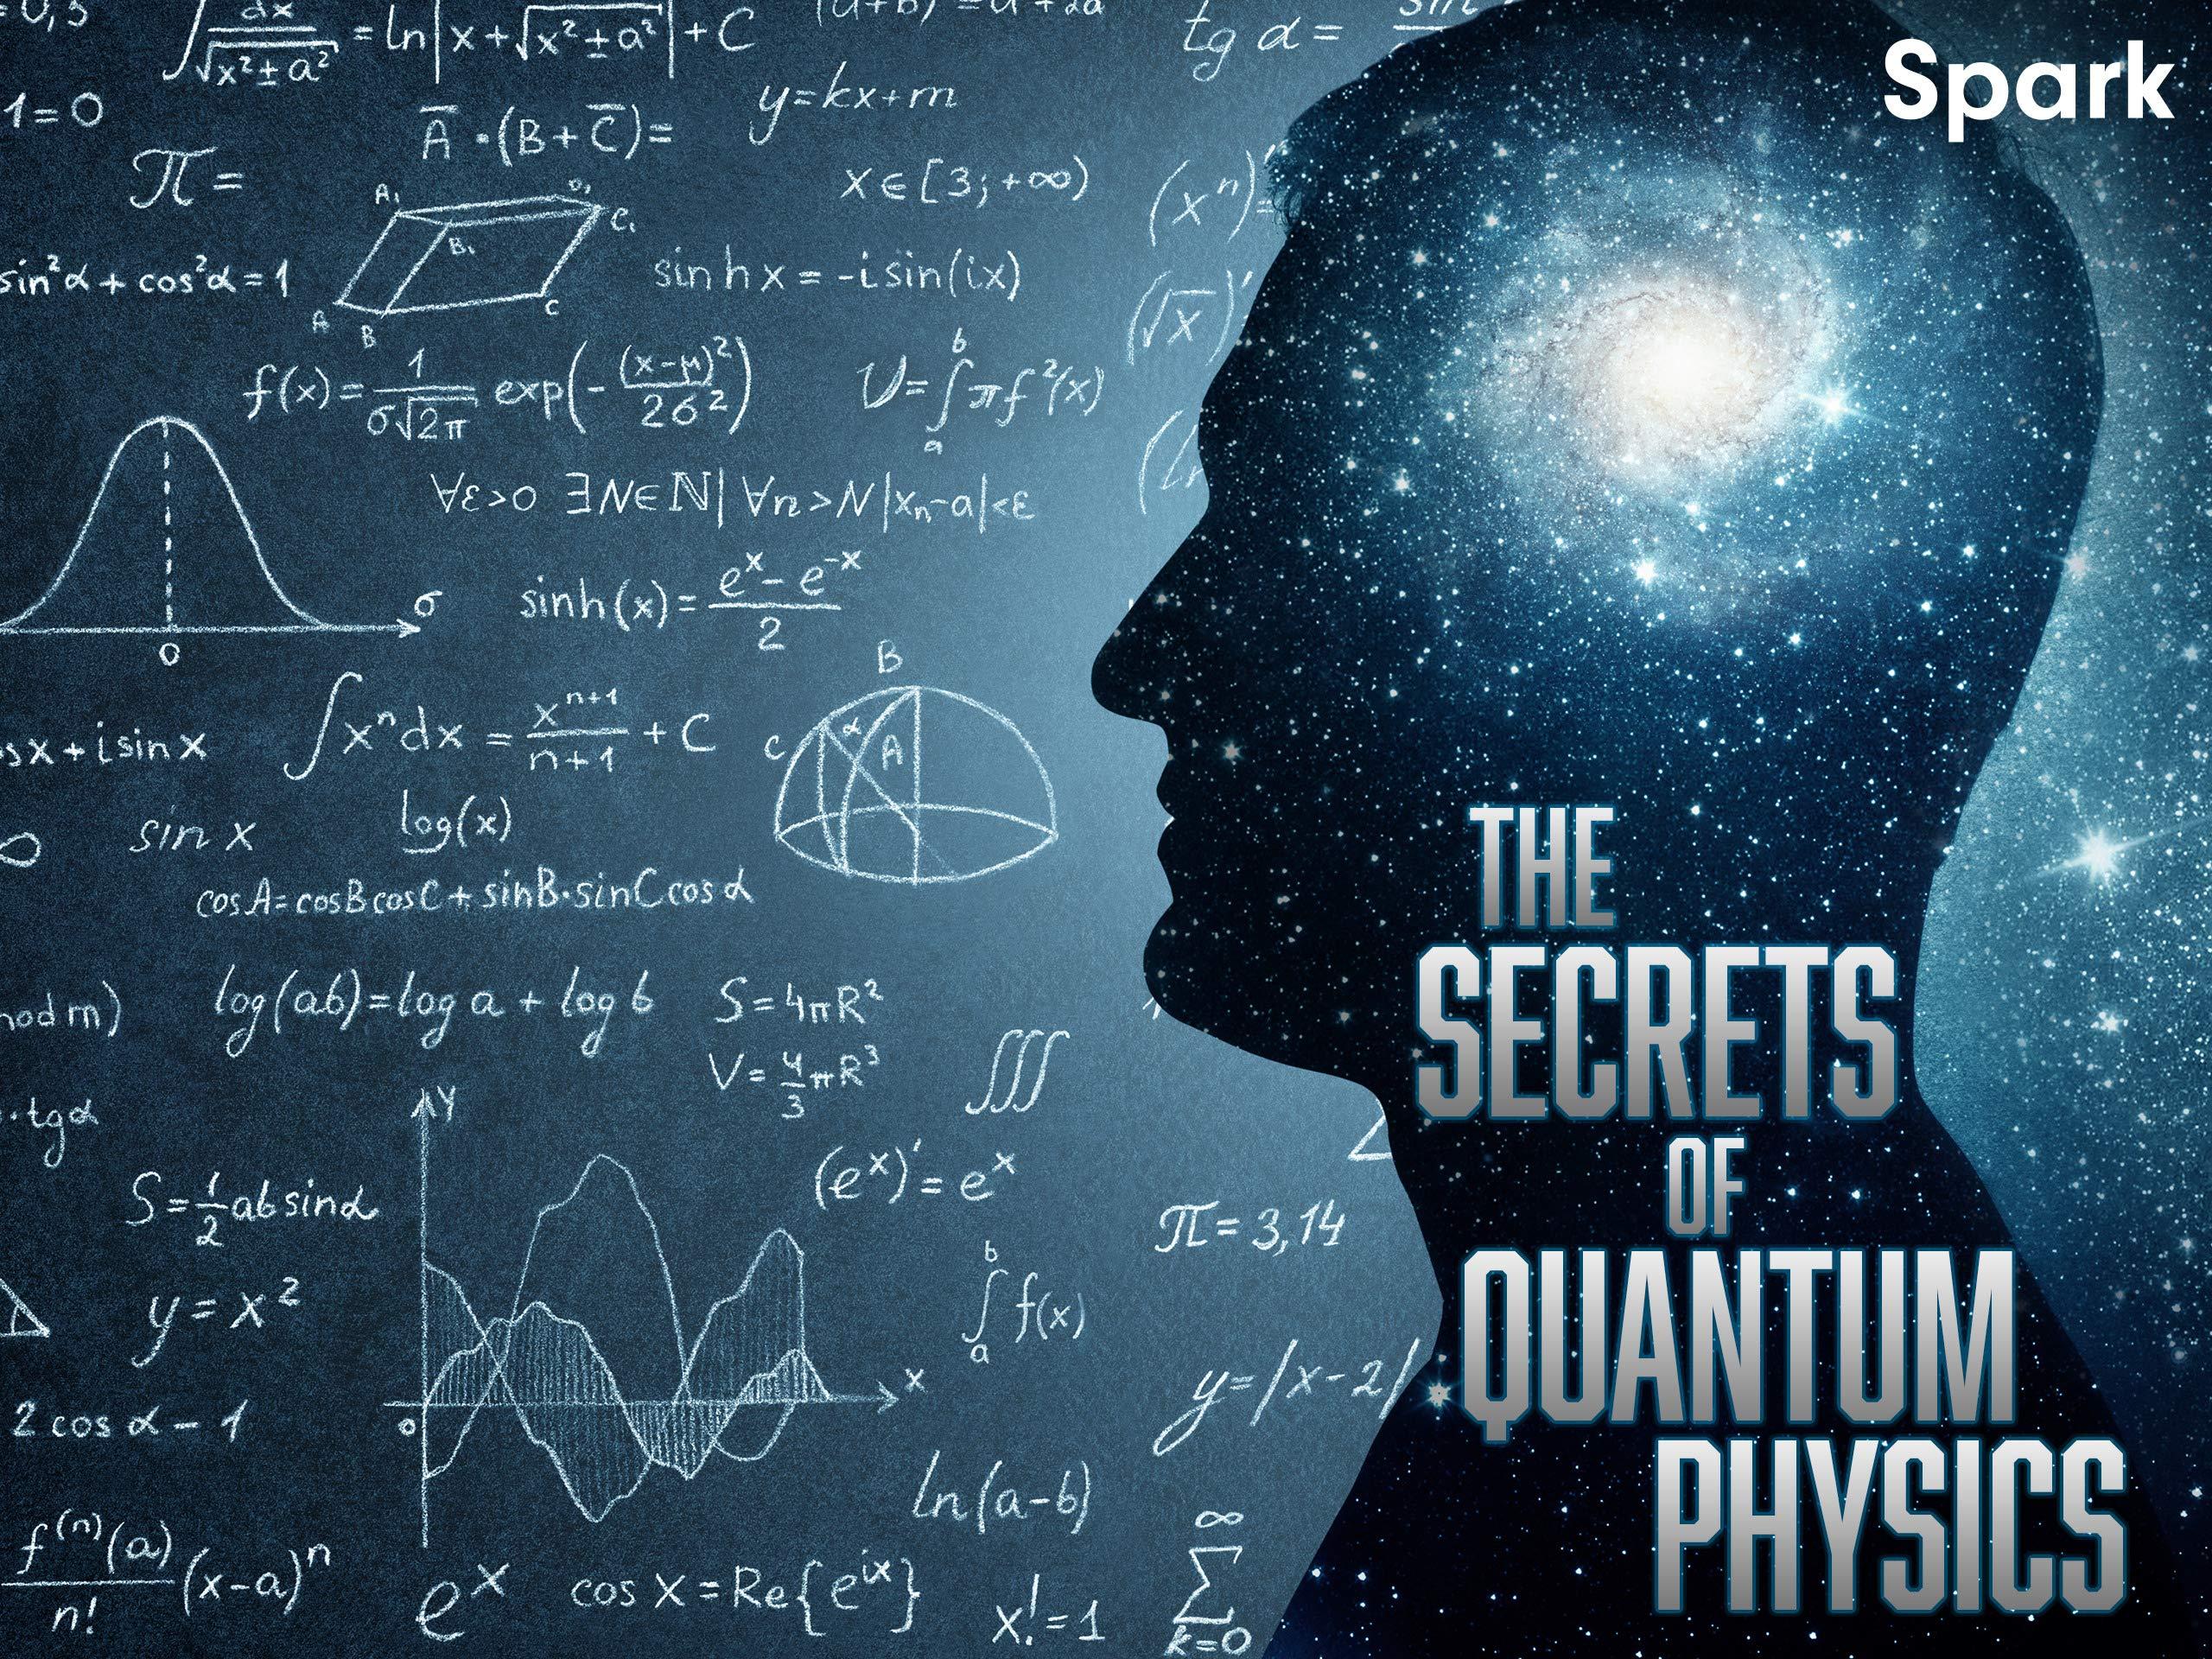 Quantum Physics Wallpaper   2560x1920   Download HD Wallpaper 2560x1920